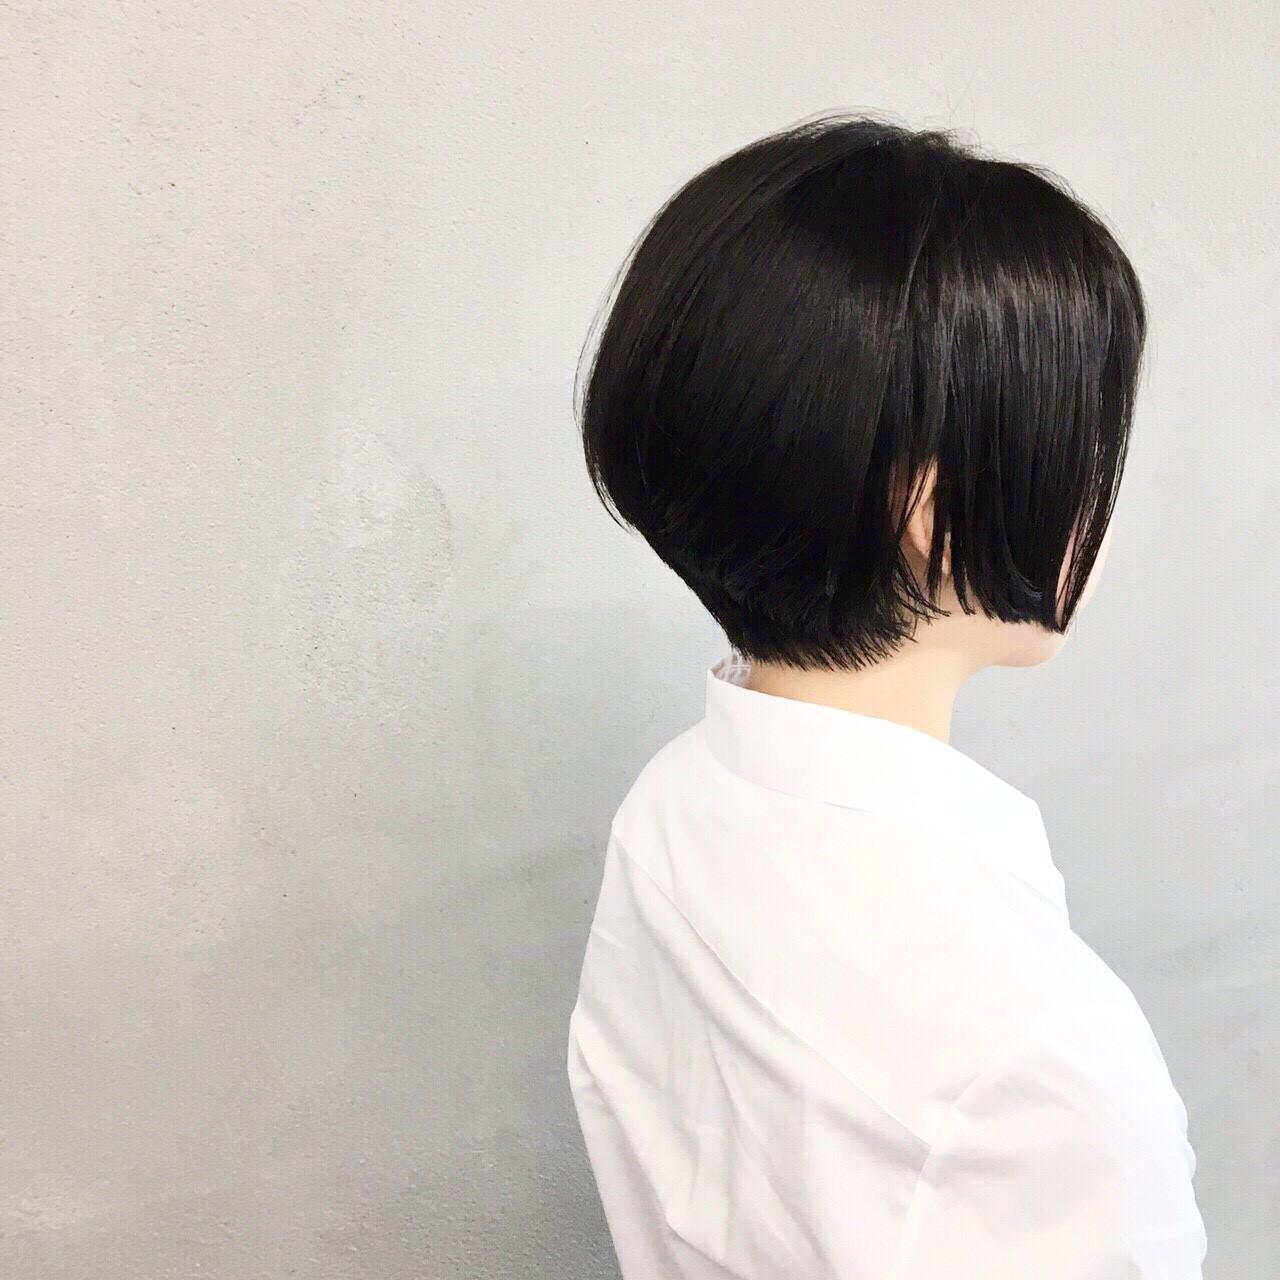 ボブの立体感そのまま♡シーンを選ばない髪型  葛西 祐介【#tag】